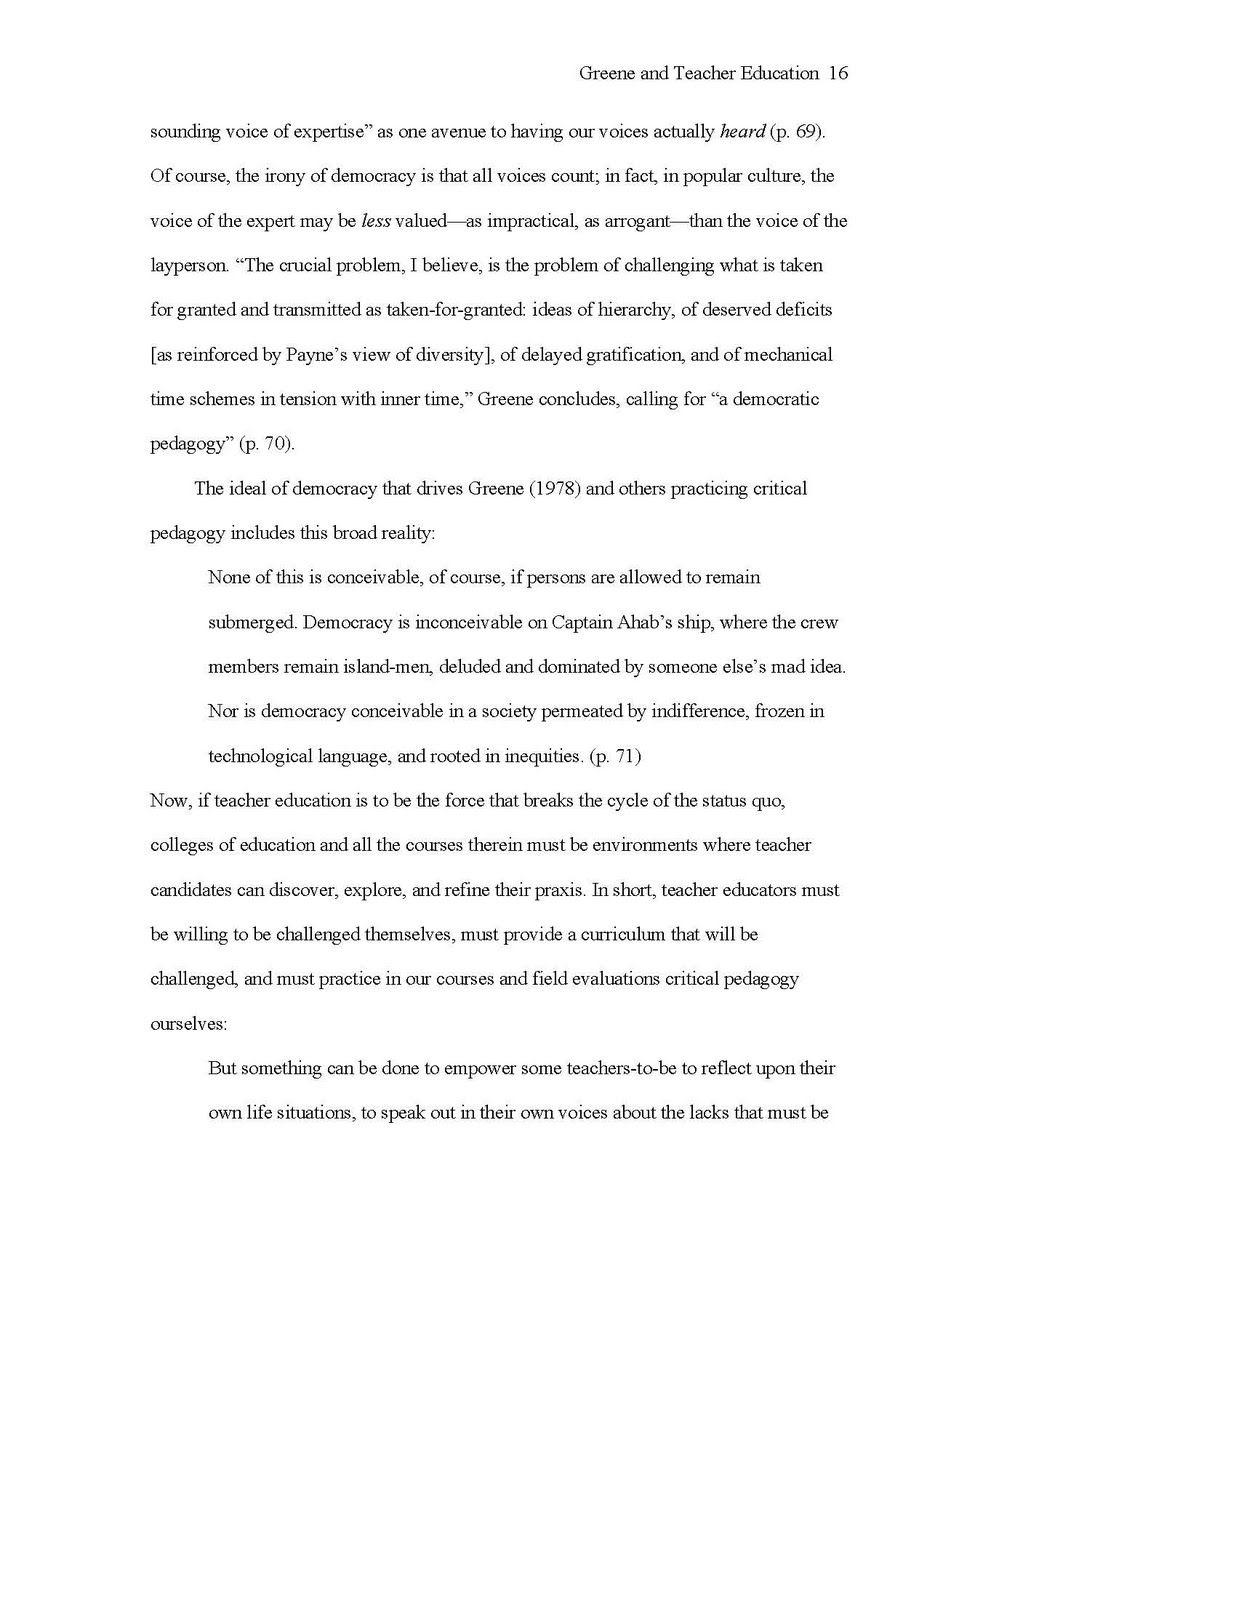 book essay examples